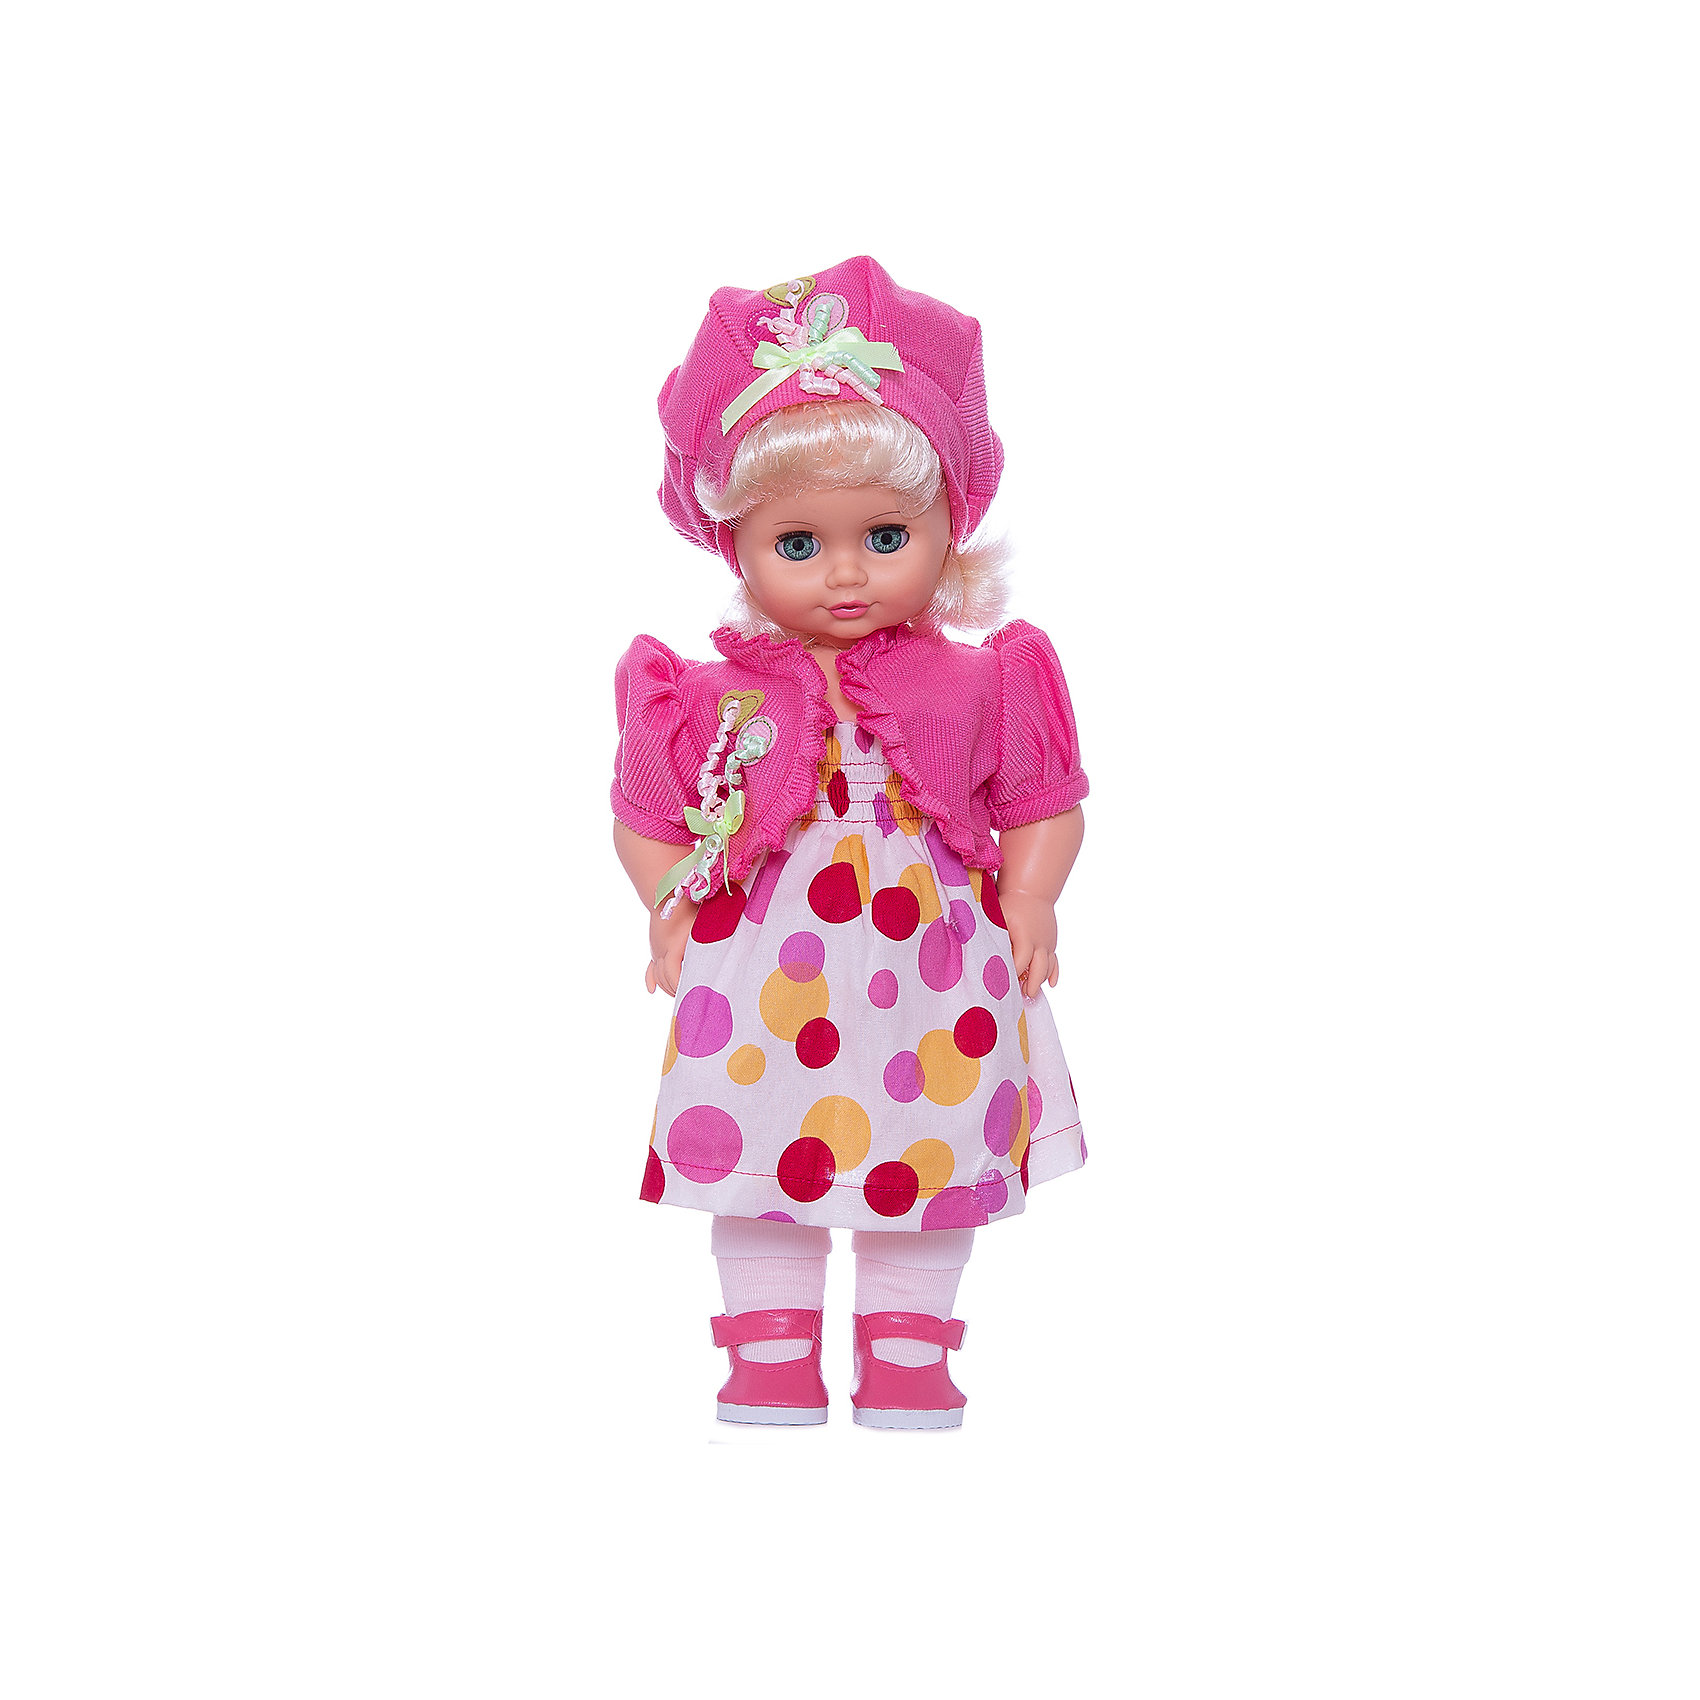 Кукла Инна 47, со звуком, ВеснаКукла для девочки - это не только игрушка, с которой можно весело провести время, кукла - это возможность отрабатывать навыки поведения в обществе, учиться заботе о других, делать прически и одеваться согласно моде и поводу.<br>Эта красивая классическая кукла не только эффектно выглядит, она дополнена звуковым модулем! Игрушка модно одета и снабжена аксессуарами. Такая кукла запросто может стать самой любимой игрушкой! Произведена из безопасных для ребенка и качественных материалов.<br><br>Дополнительная информация:<br><br>цвет: разноцветный;<br>материал: пластик, текстиль;<br>комплектация: кукла, одежда, аксессуары;<br>высота: 43 см.<br><br>Куклу Инна 47 со звуком от компании Весна можно купить в нашем магазине.<br><br>Ширина мм: 430<br>Глубина мм: 240<br>Высота мм: 430<br>Вес г: 810<br>Возраст от месяцев: 36<br>Возраст до месяцев: 120<br>Пол: Женский<br>Возраст: Детский<br>SKU: 4642031